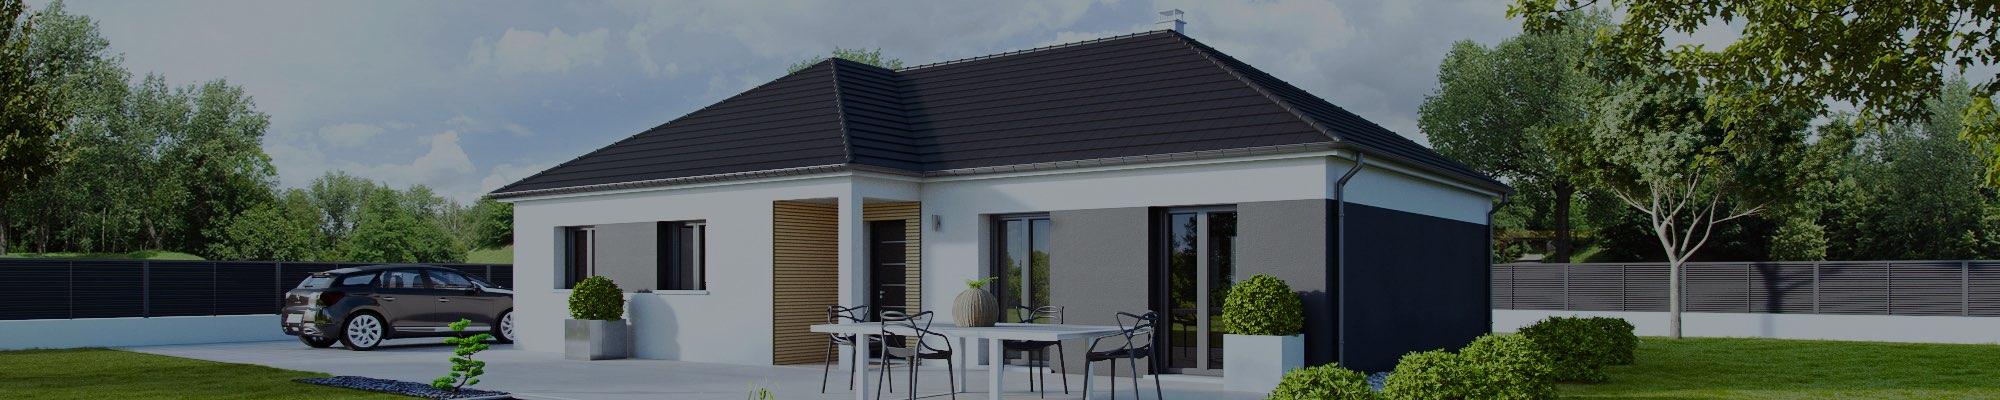 Maisons babeau seguin constructeur de maisons individuelles for Modele maison pas cher